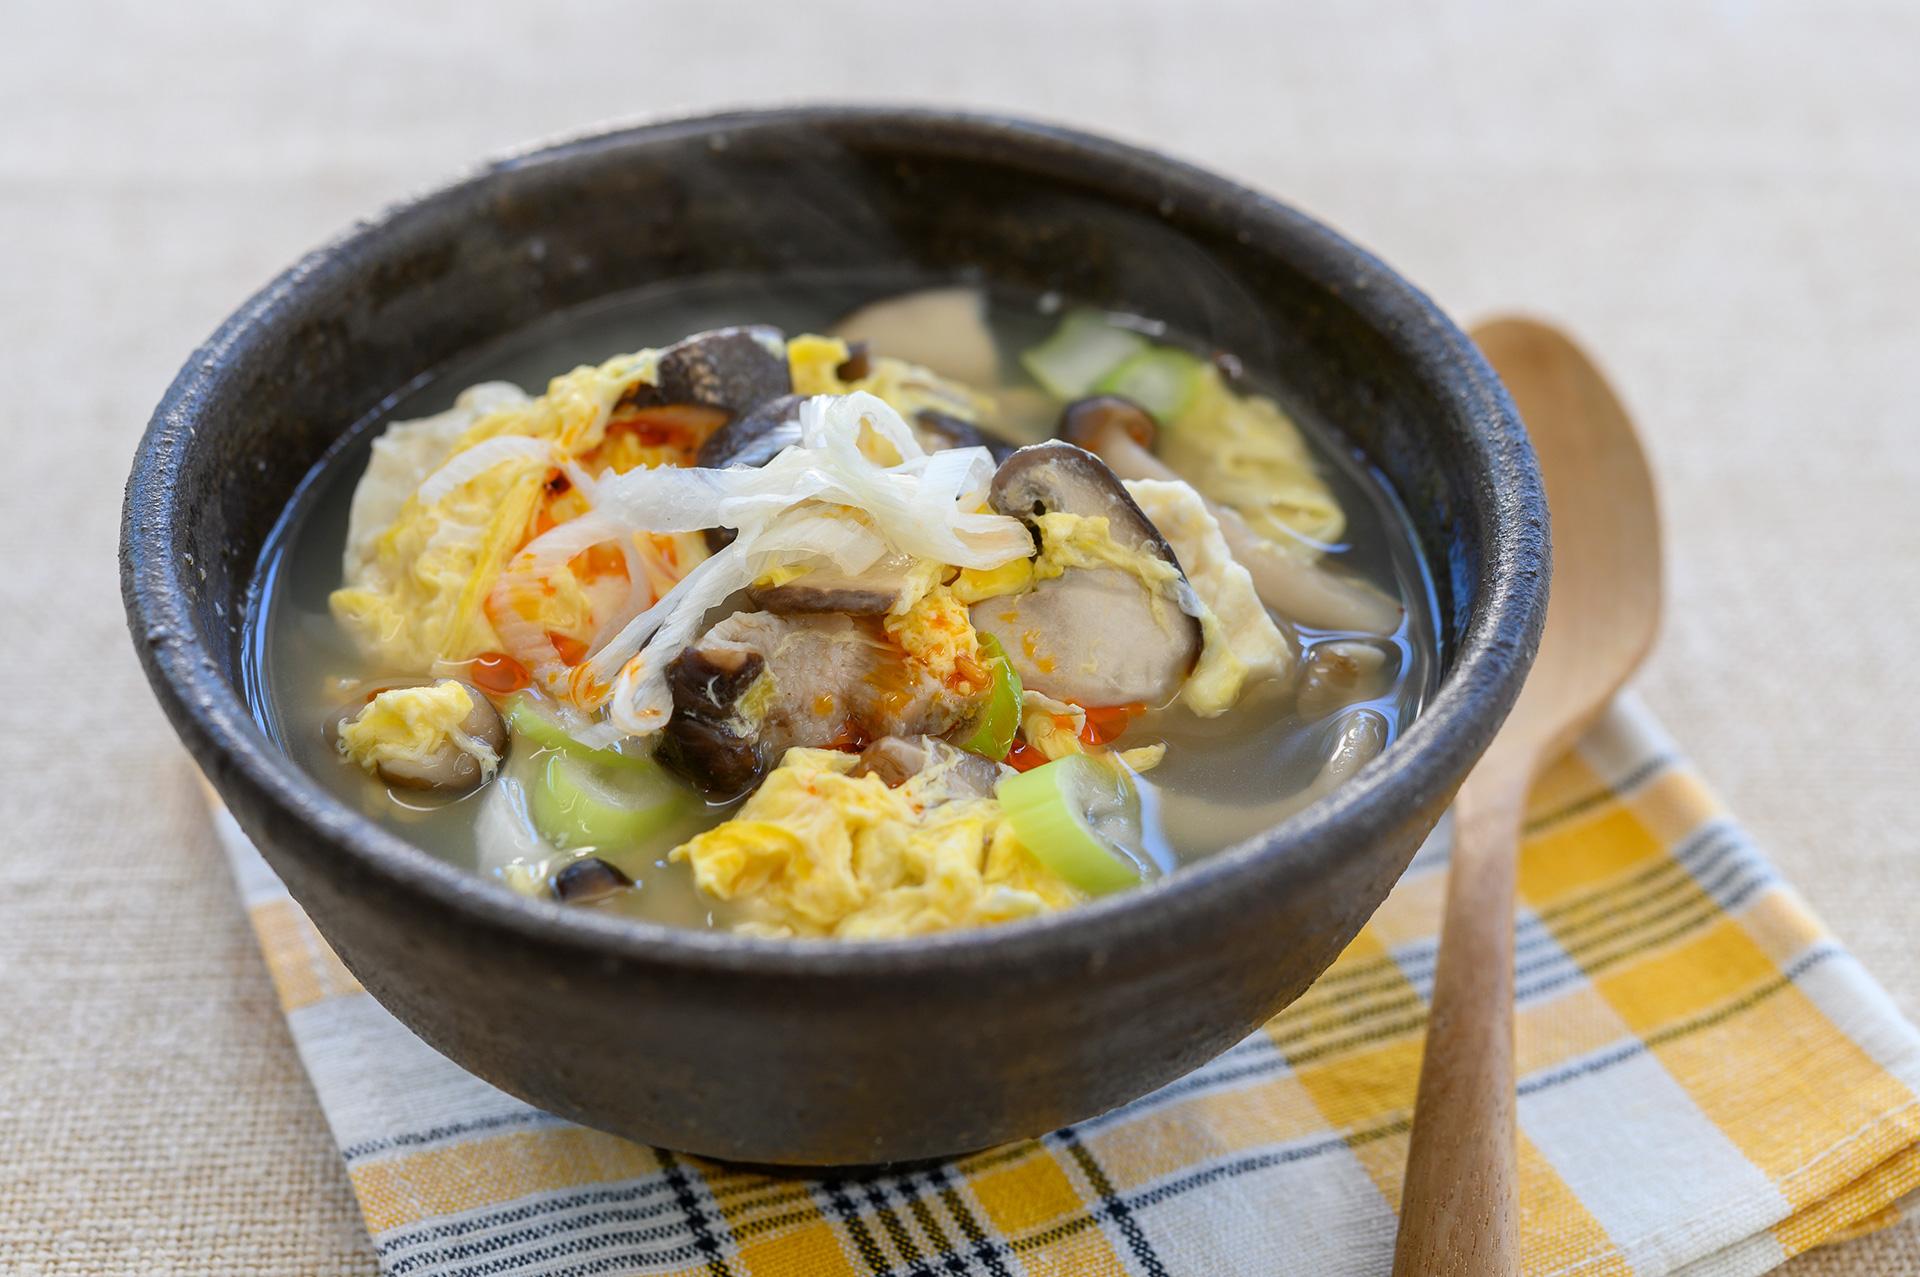 手軽にできる塩きのこのアレンジアイデア「塩きのこのかきたまスープ」